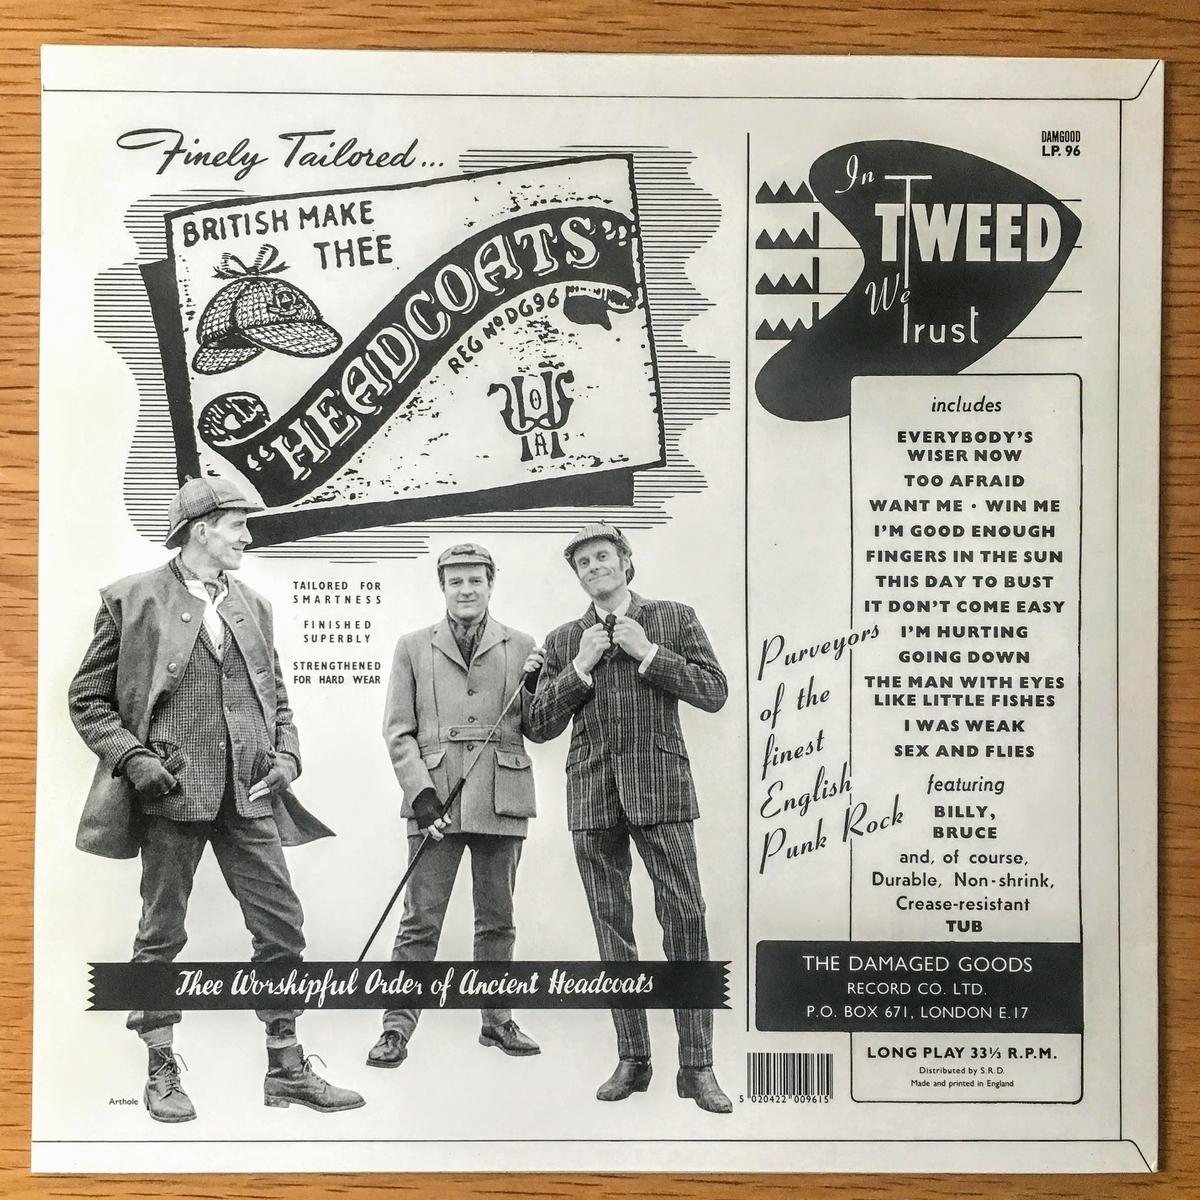 ヘッドコーツ(THEE HEADCOATS) IN TWEED WE TRUSTのレコード 裏面